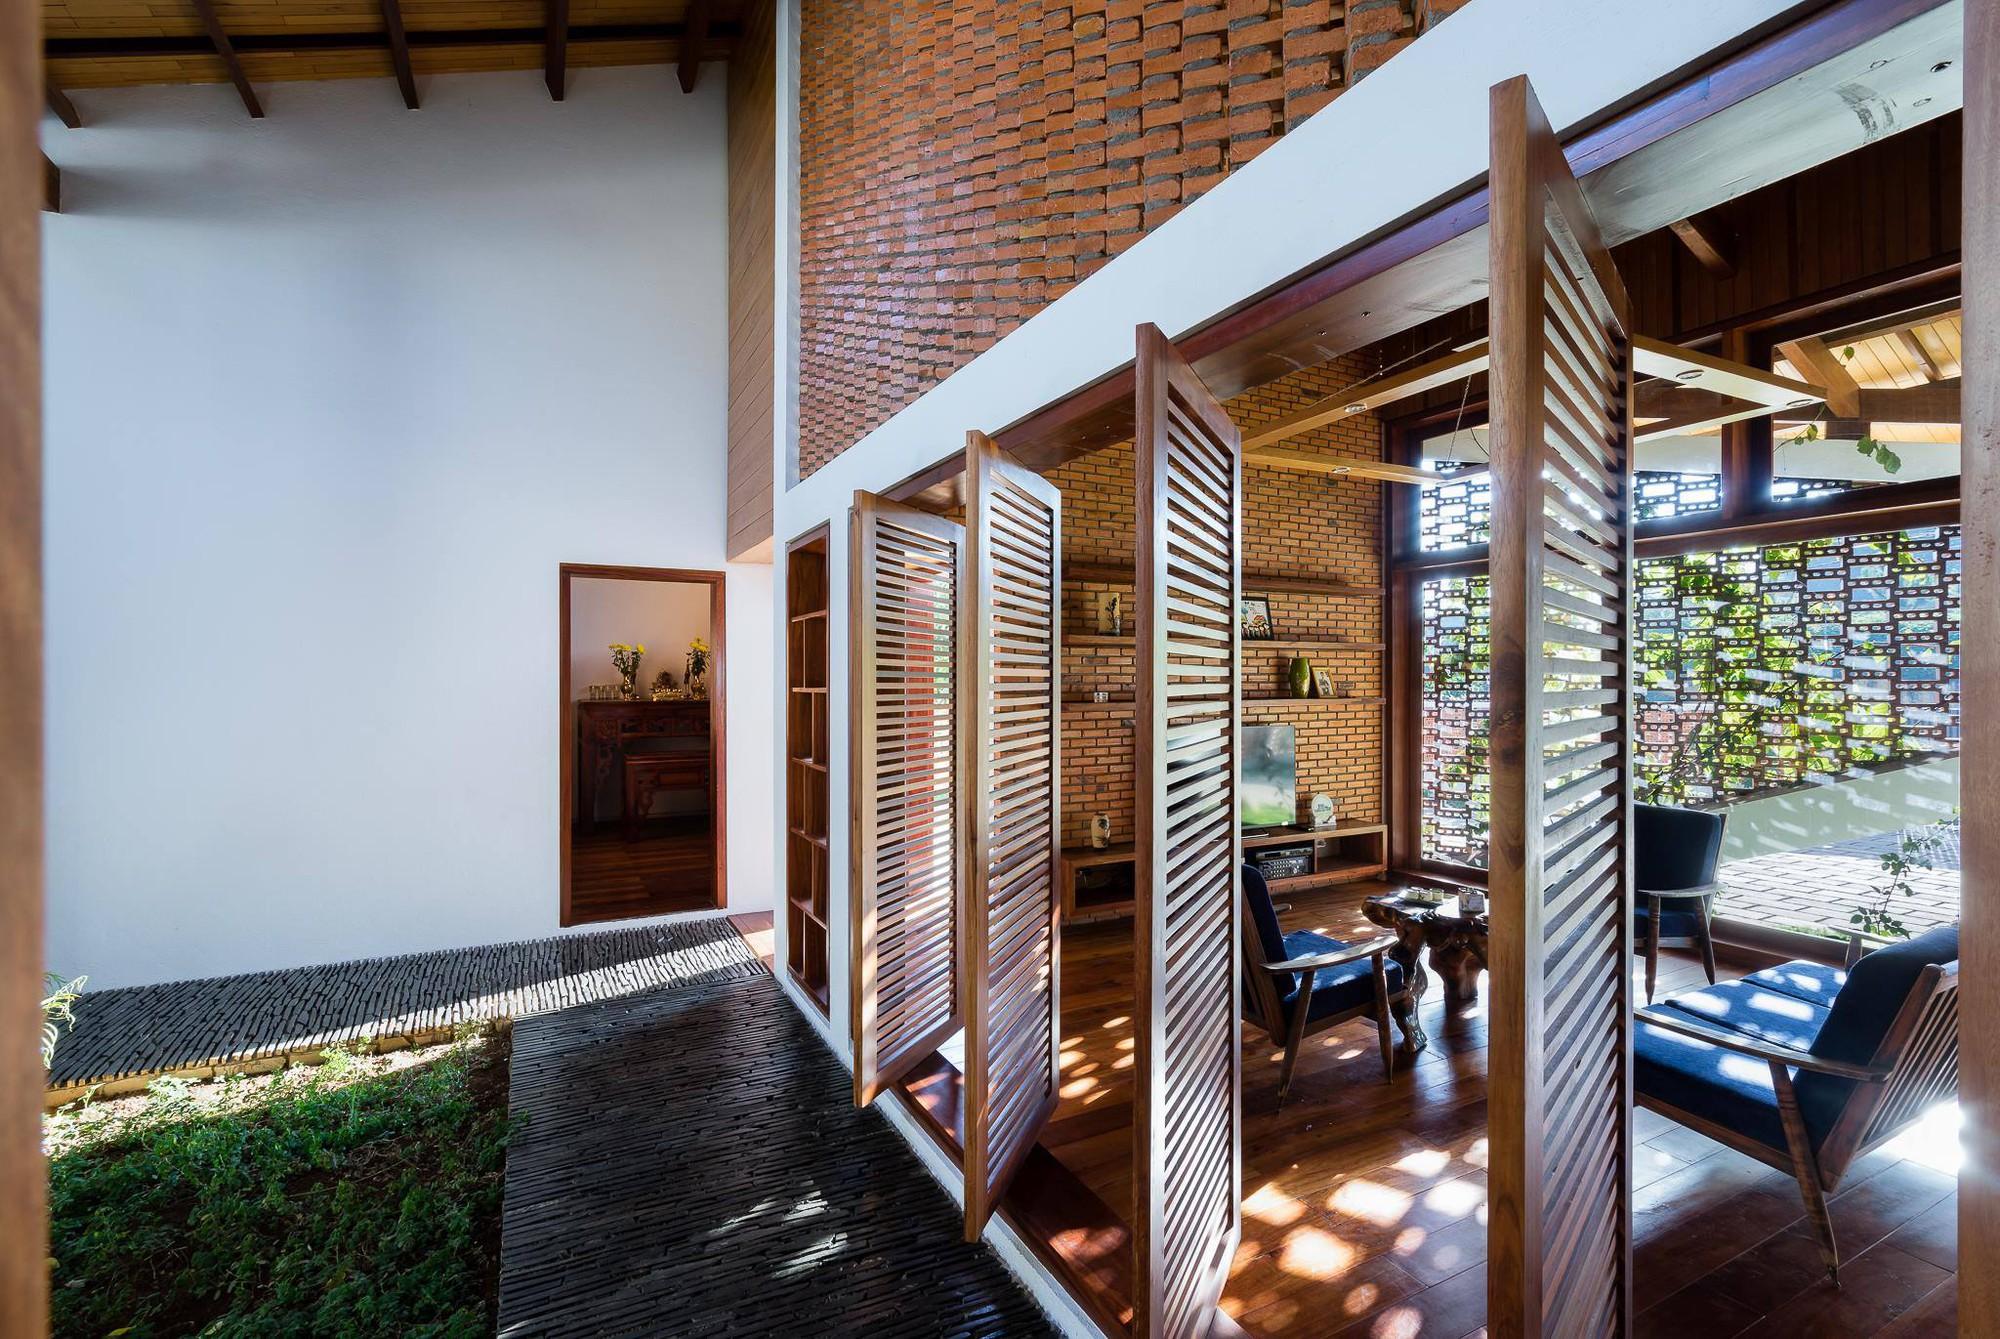 Ngôi nhà mái ngói cấp 4 đẹp như resort khiến nhiều người ước mơ ở Lâm Đồng - Ảnh 5.